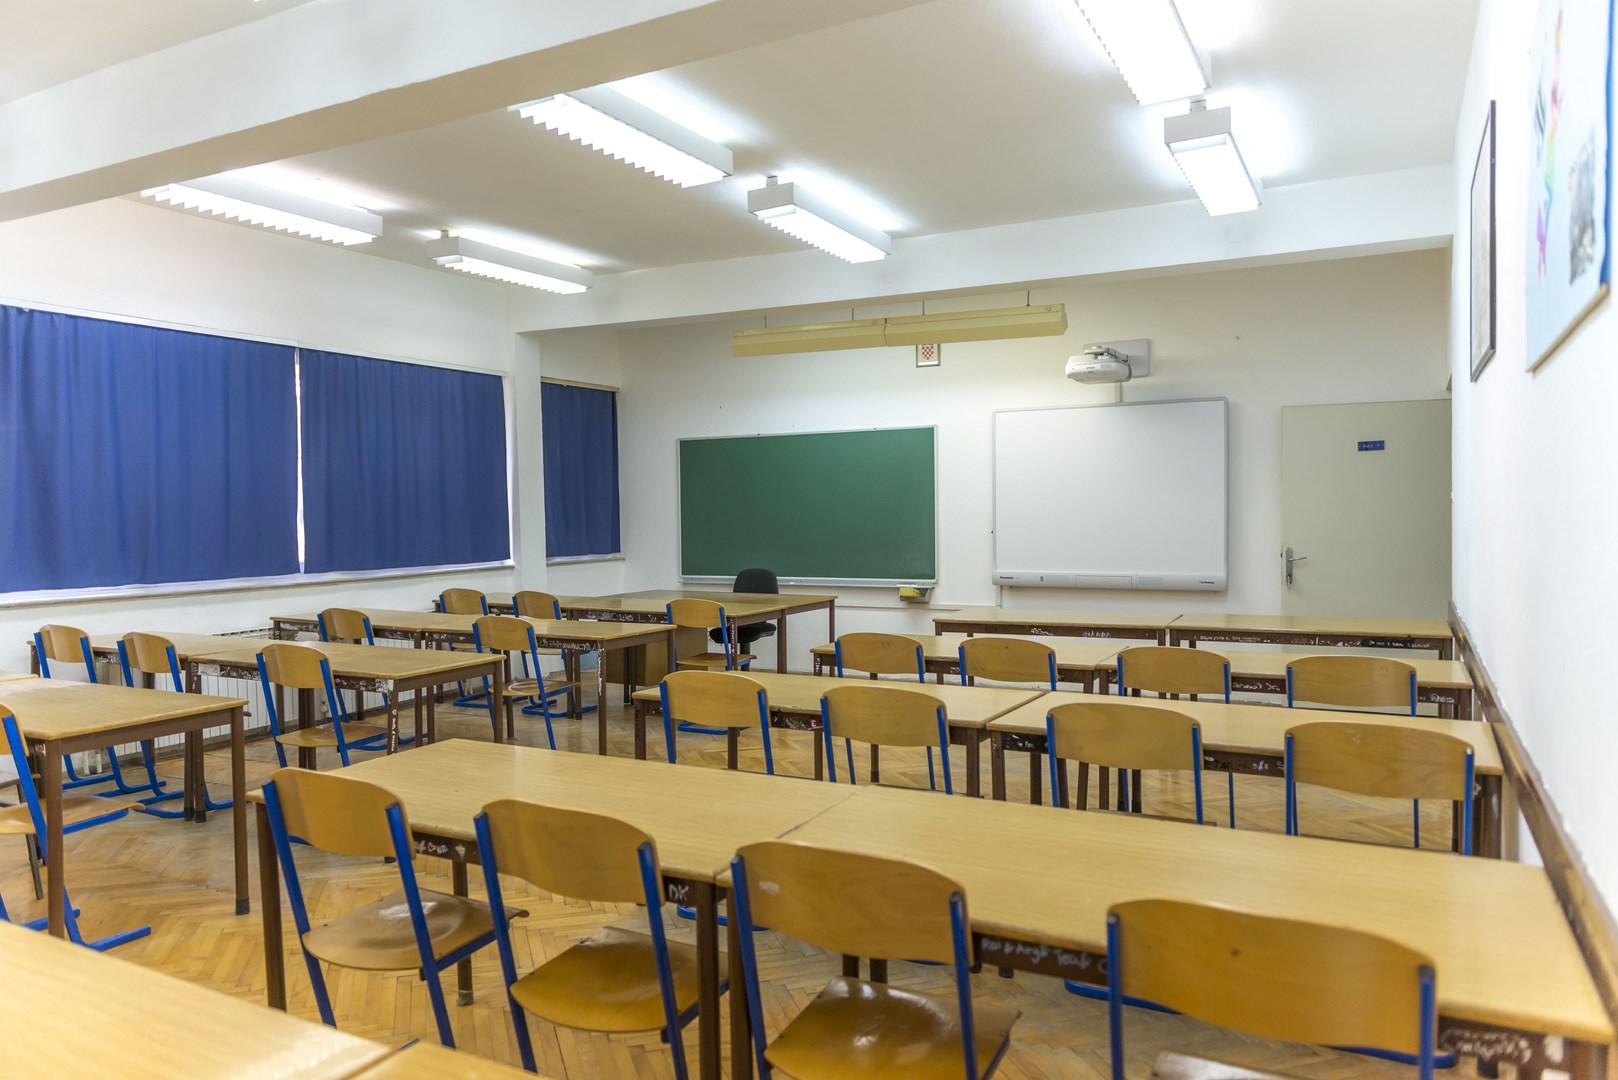 Sicilia, 7 scuole su 10 sono inagibili. La Regione lancia un piano da 272 milioni per gli interventi antisismici